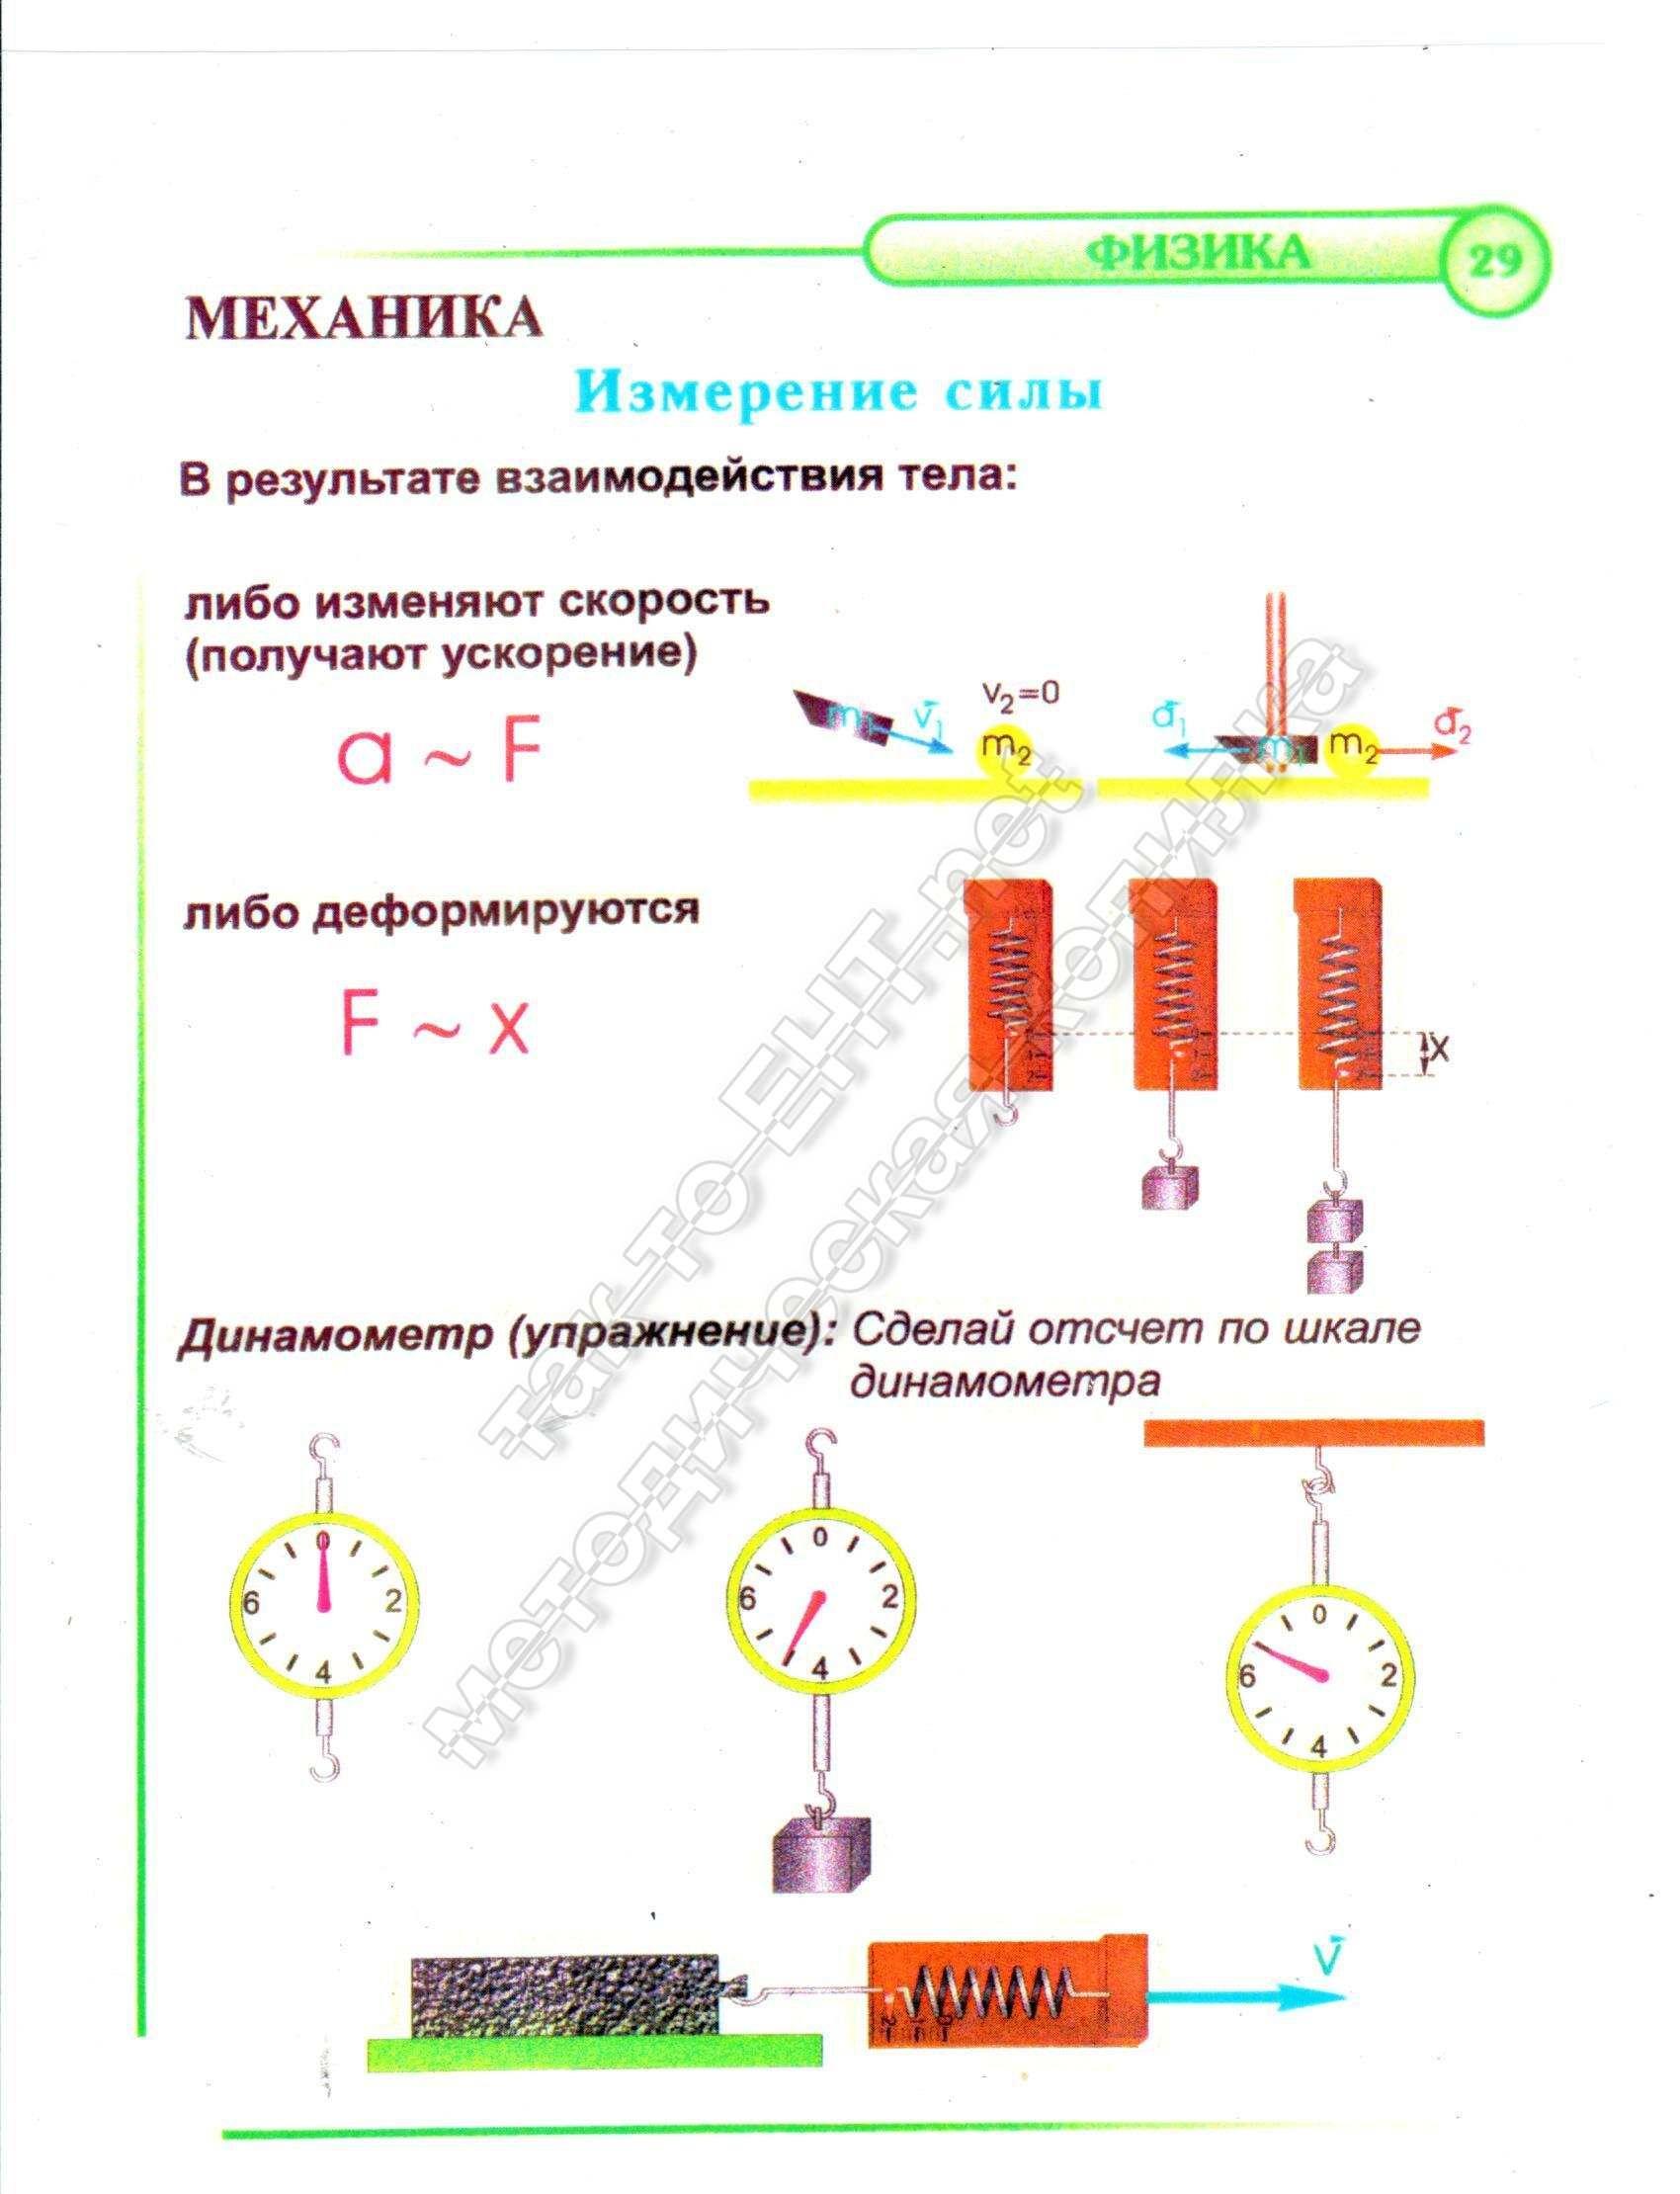 Измерение силы (механика)